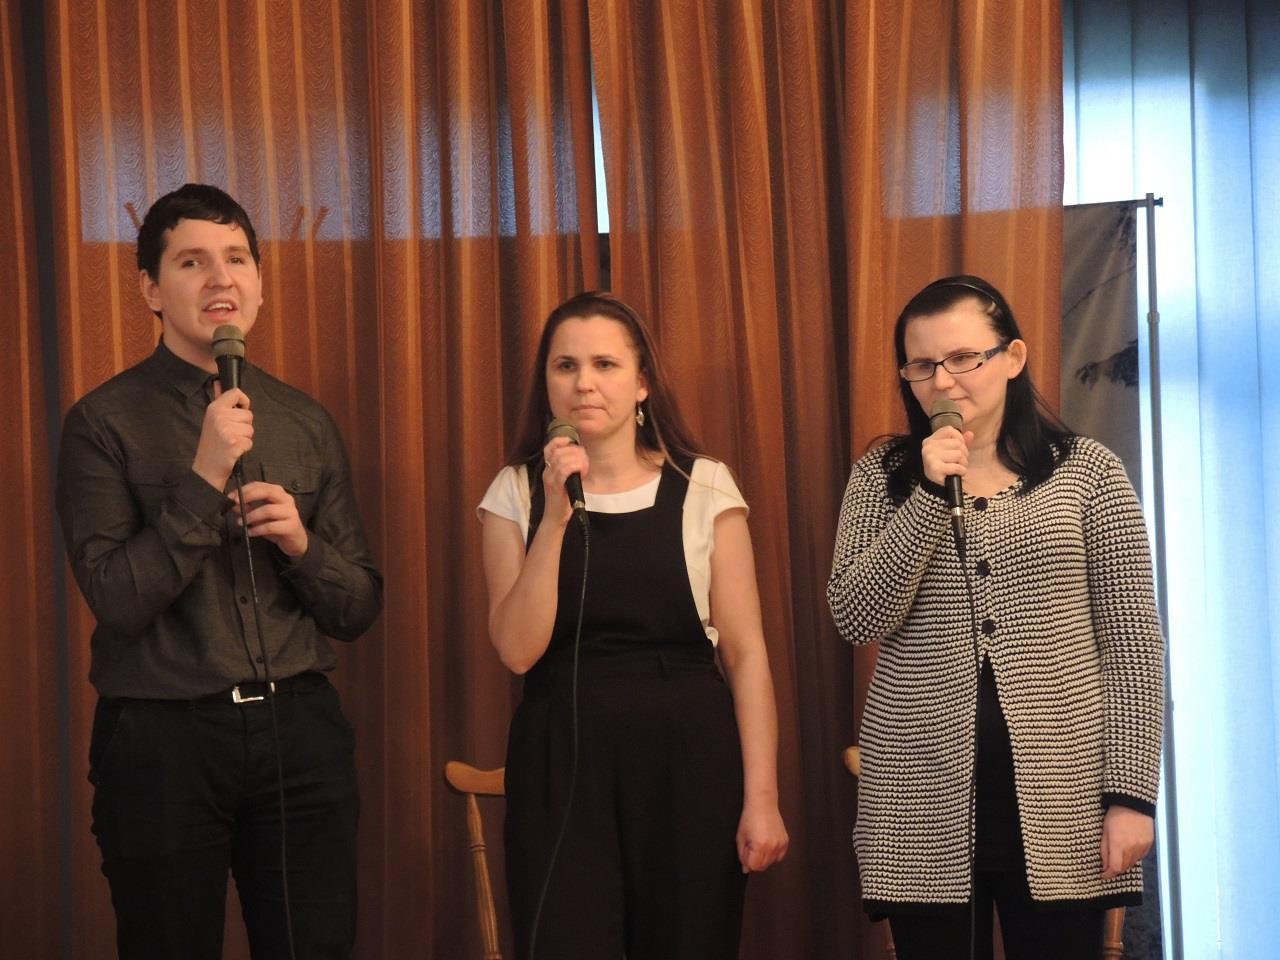 Mężczyzna śpiewa, po jego lewej stronie stoją dwie kobiety w dłoniach trzymają mikrofony.